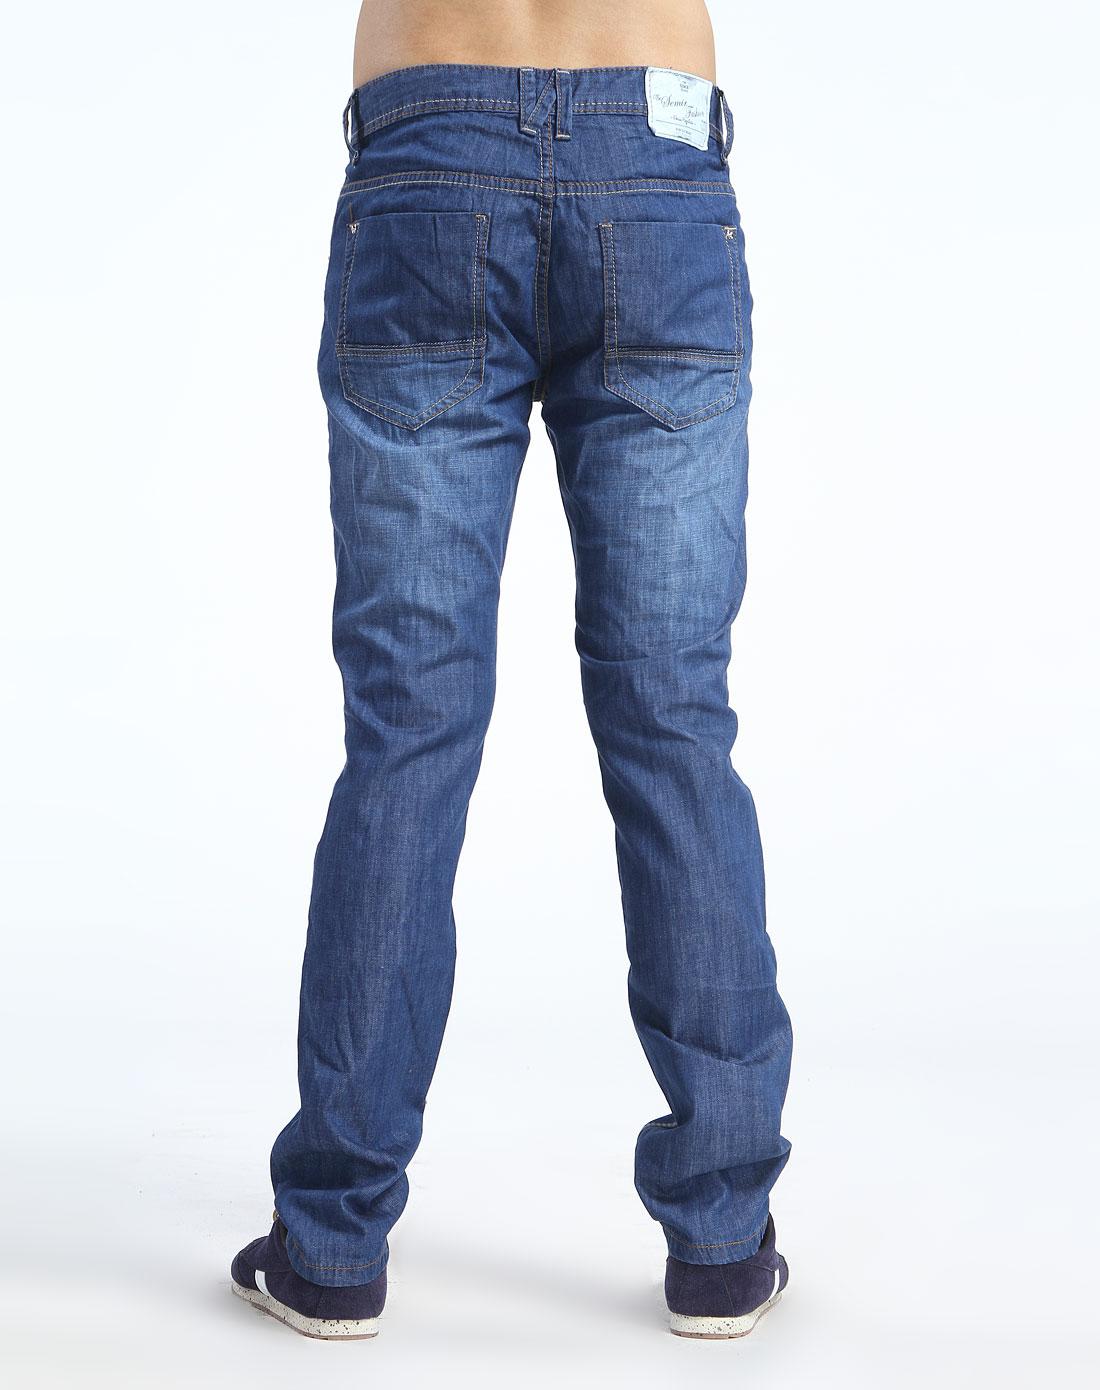 蓝色车线休闲中腰牛仔长裤